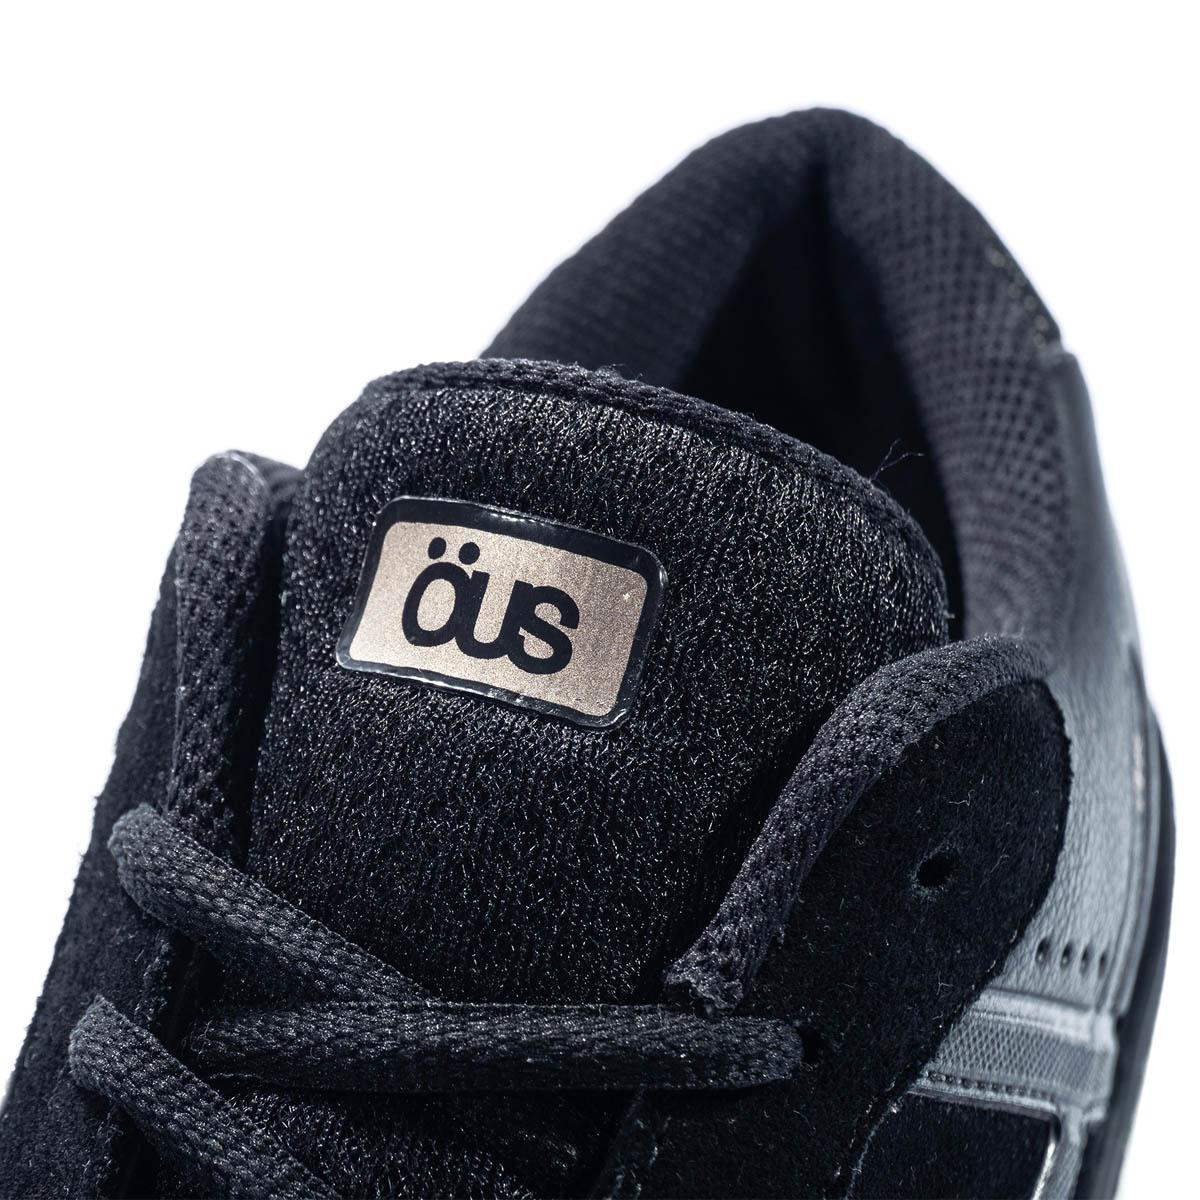 Tênis Ous Emergente All Black Gold Essencial Skate